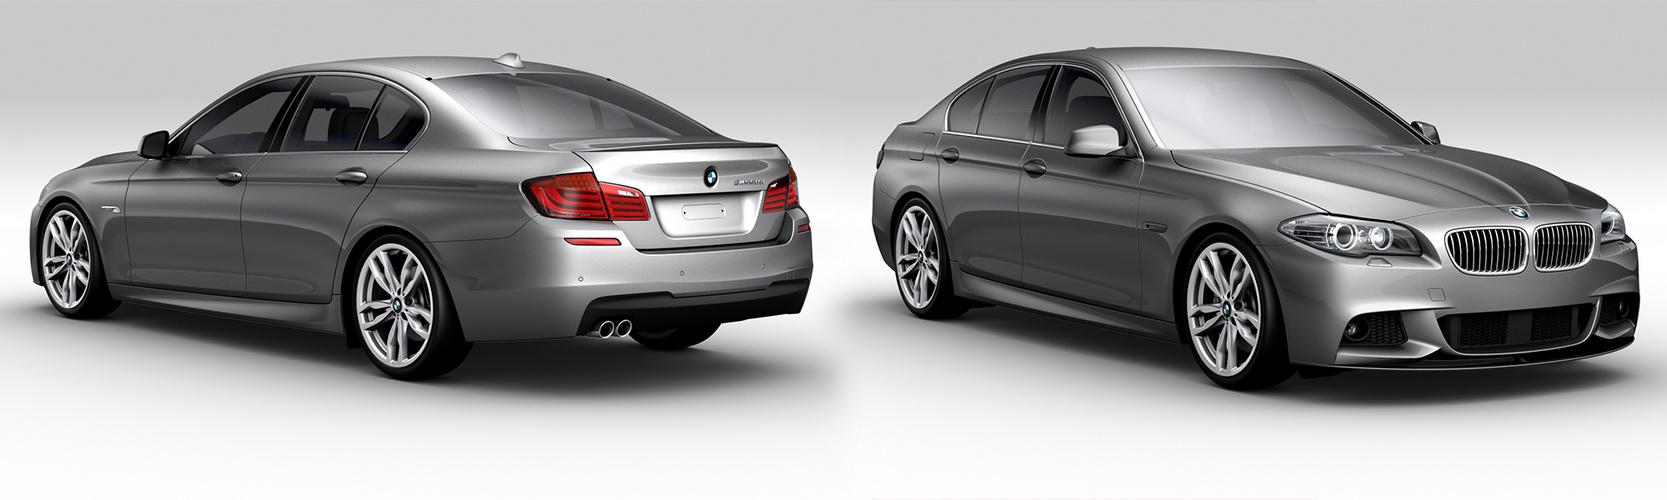 BMW 5er Rendering